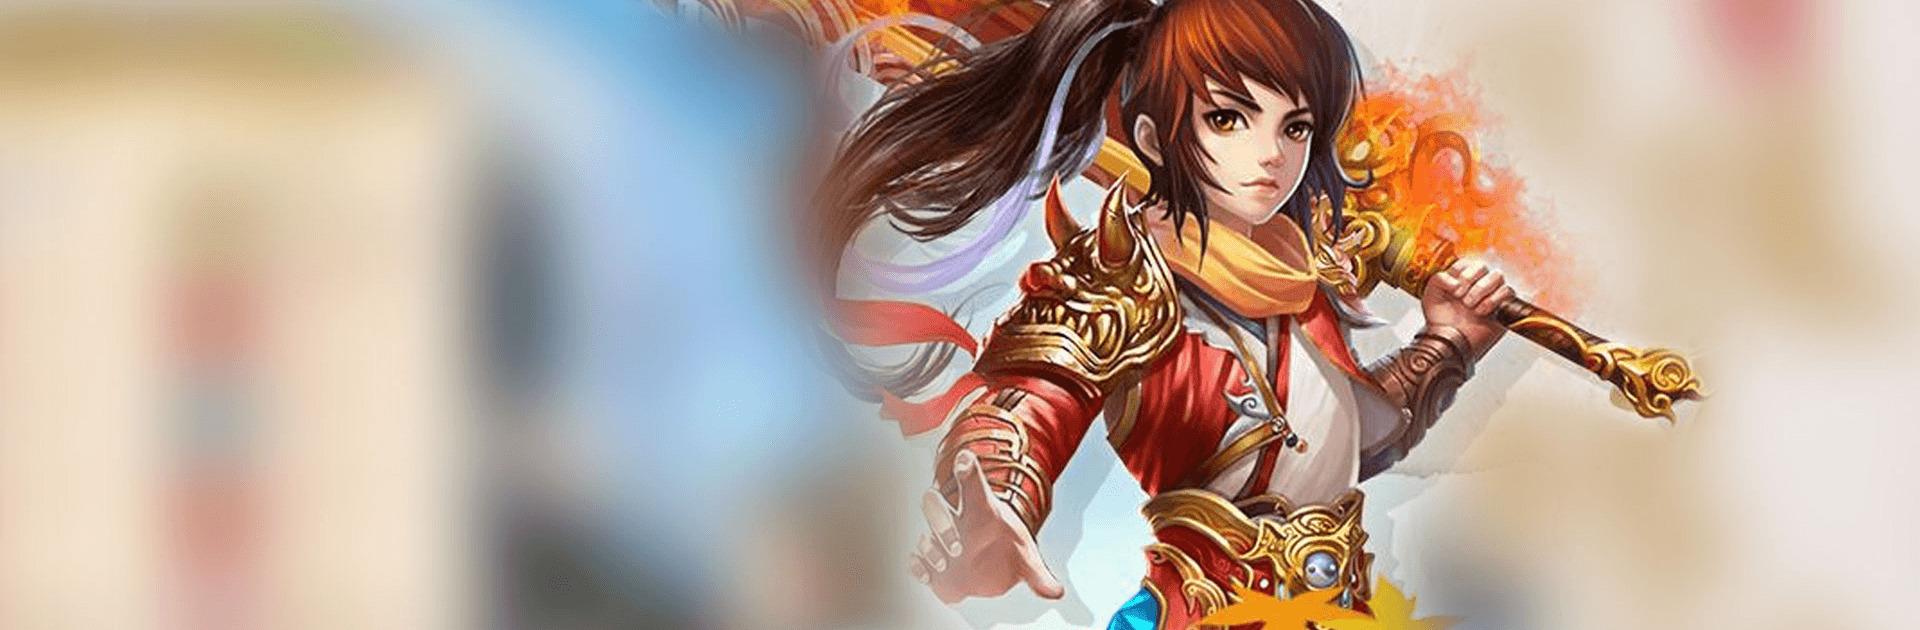 神魔覺醒—全新放置掛機RPG手遊